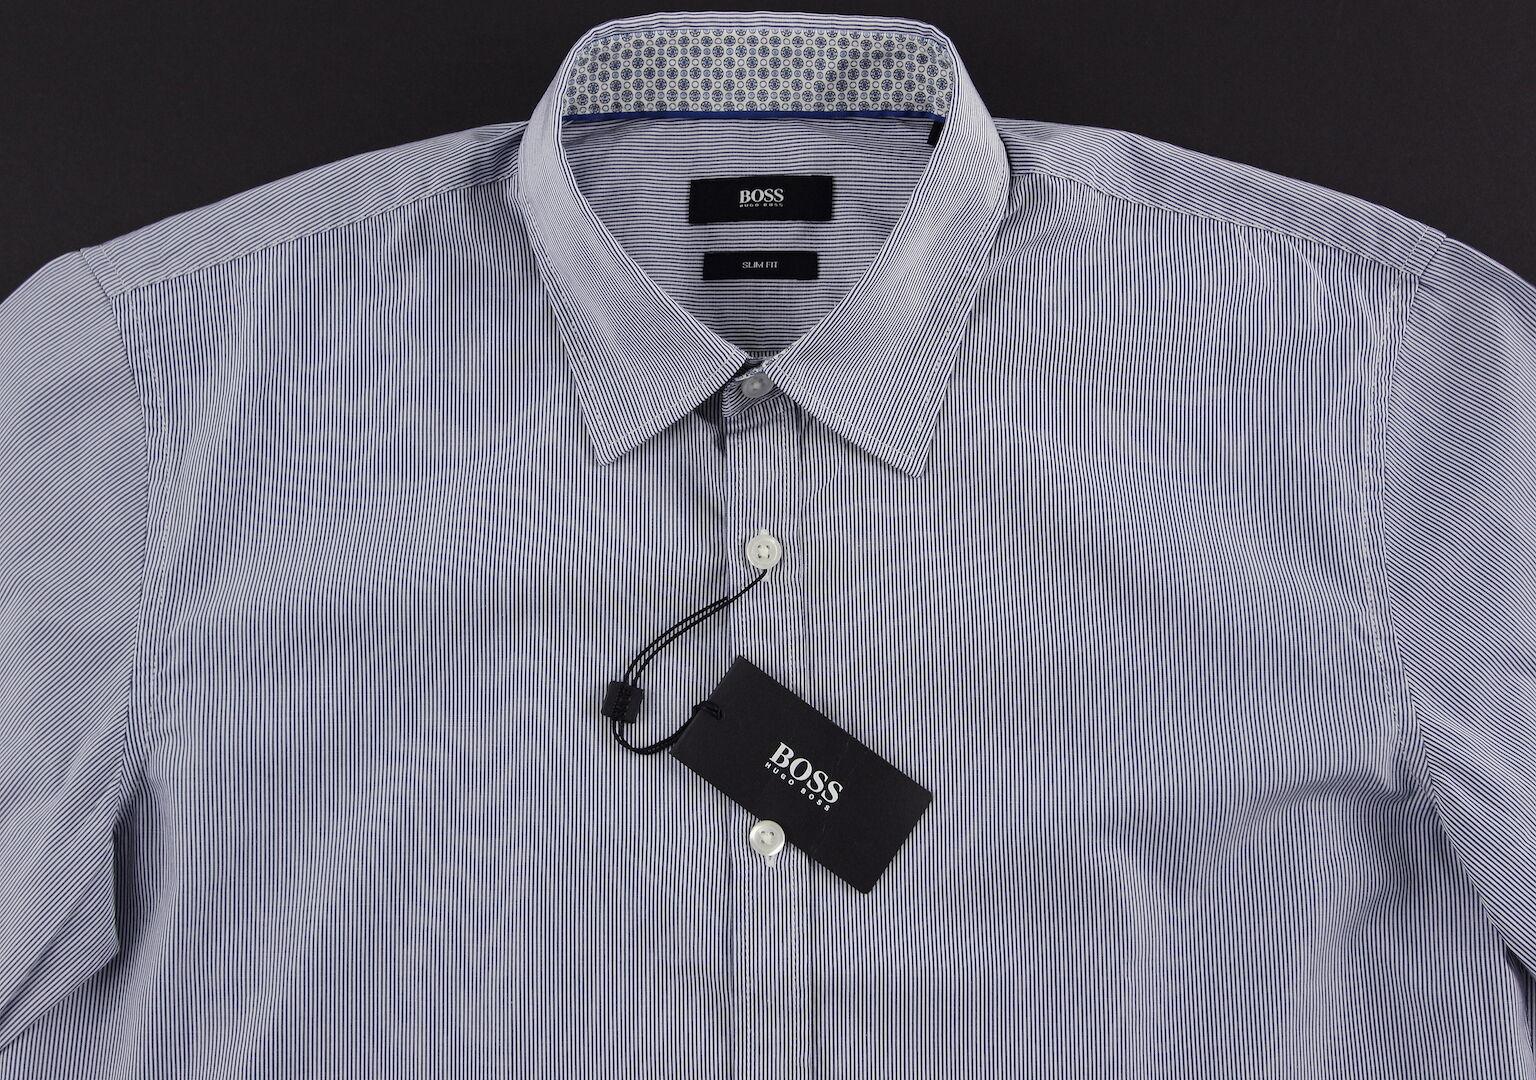 Men's HUGO BOSS White Navy bluee Striped Short Sleeve S S Shirt Small S NWT NEW